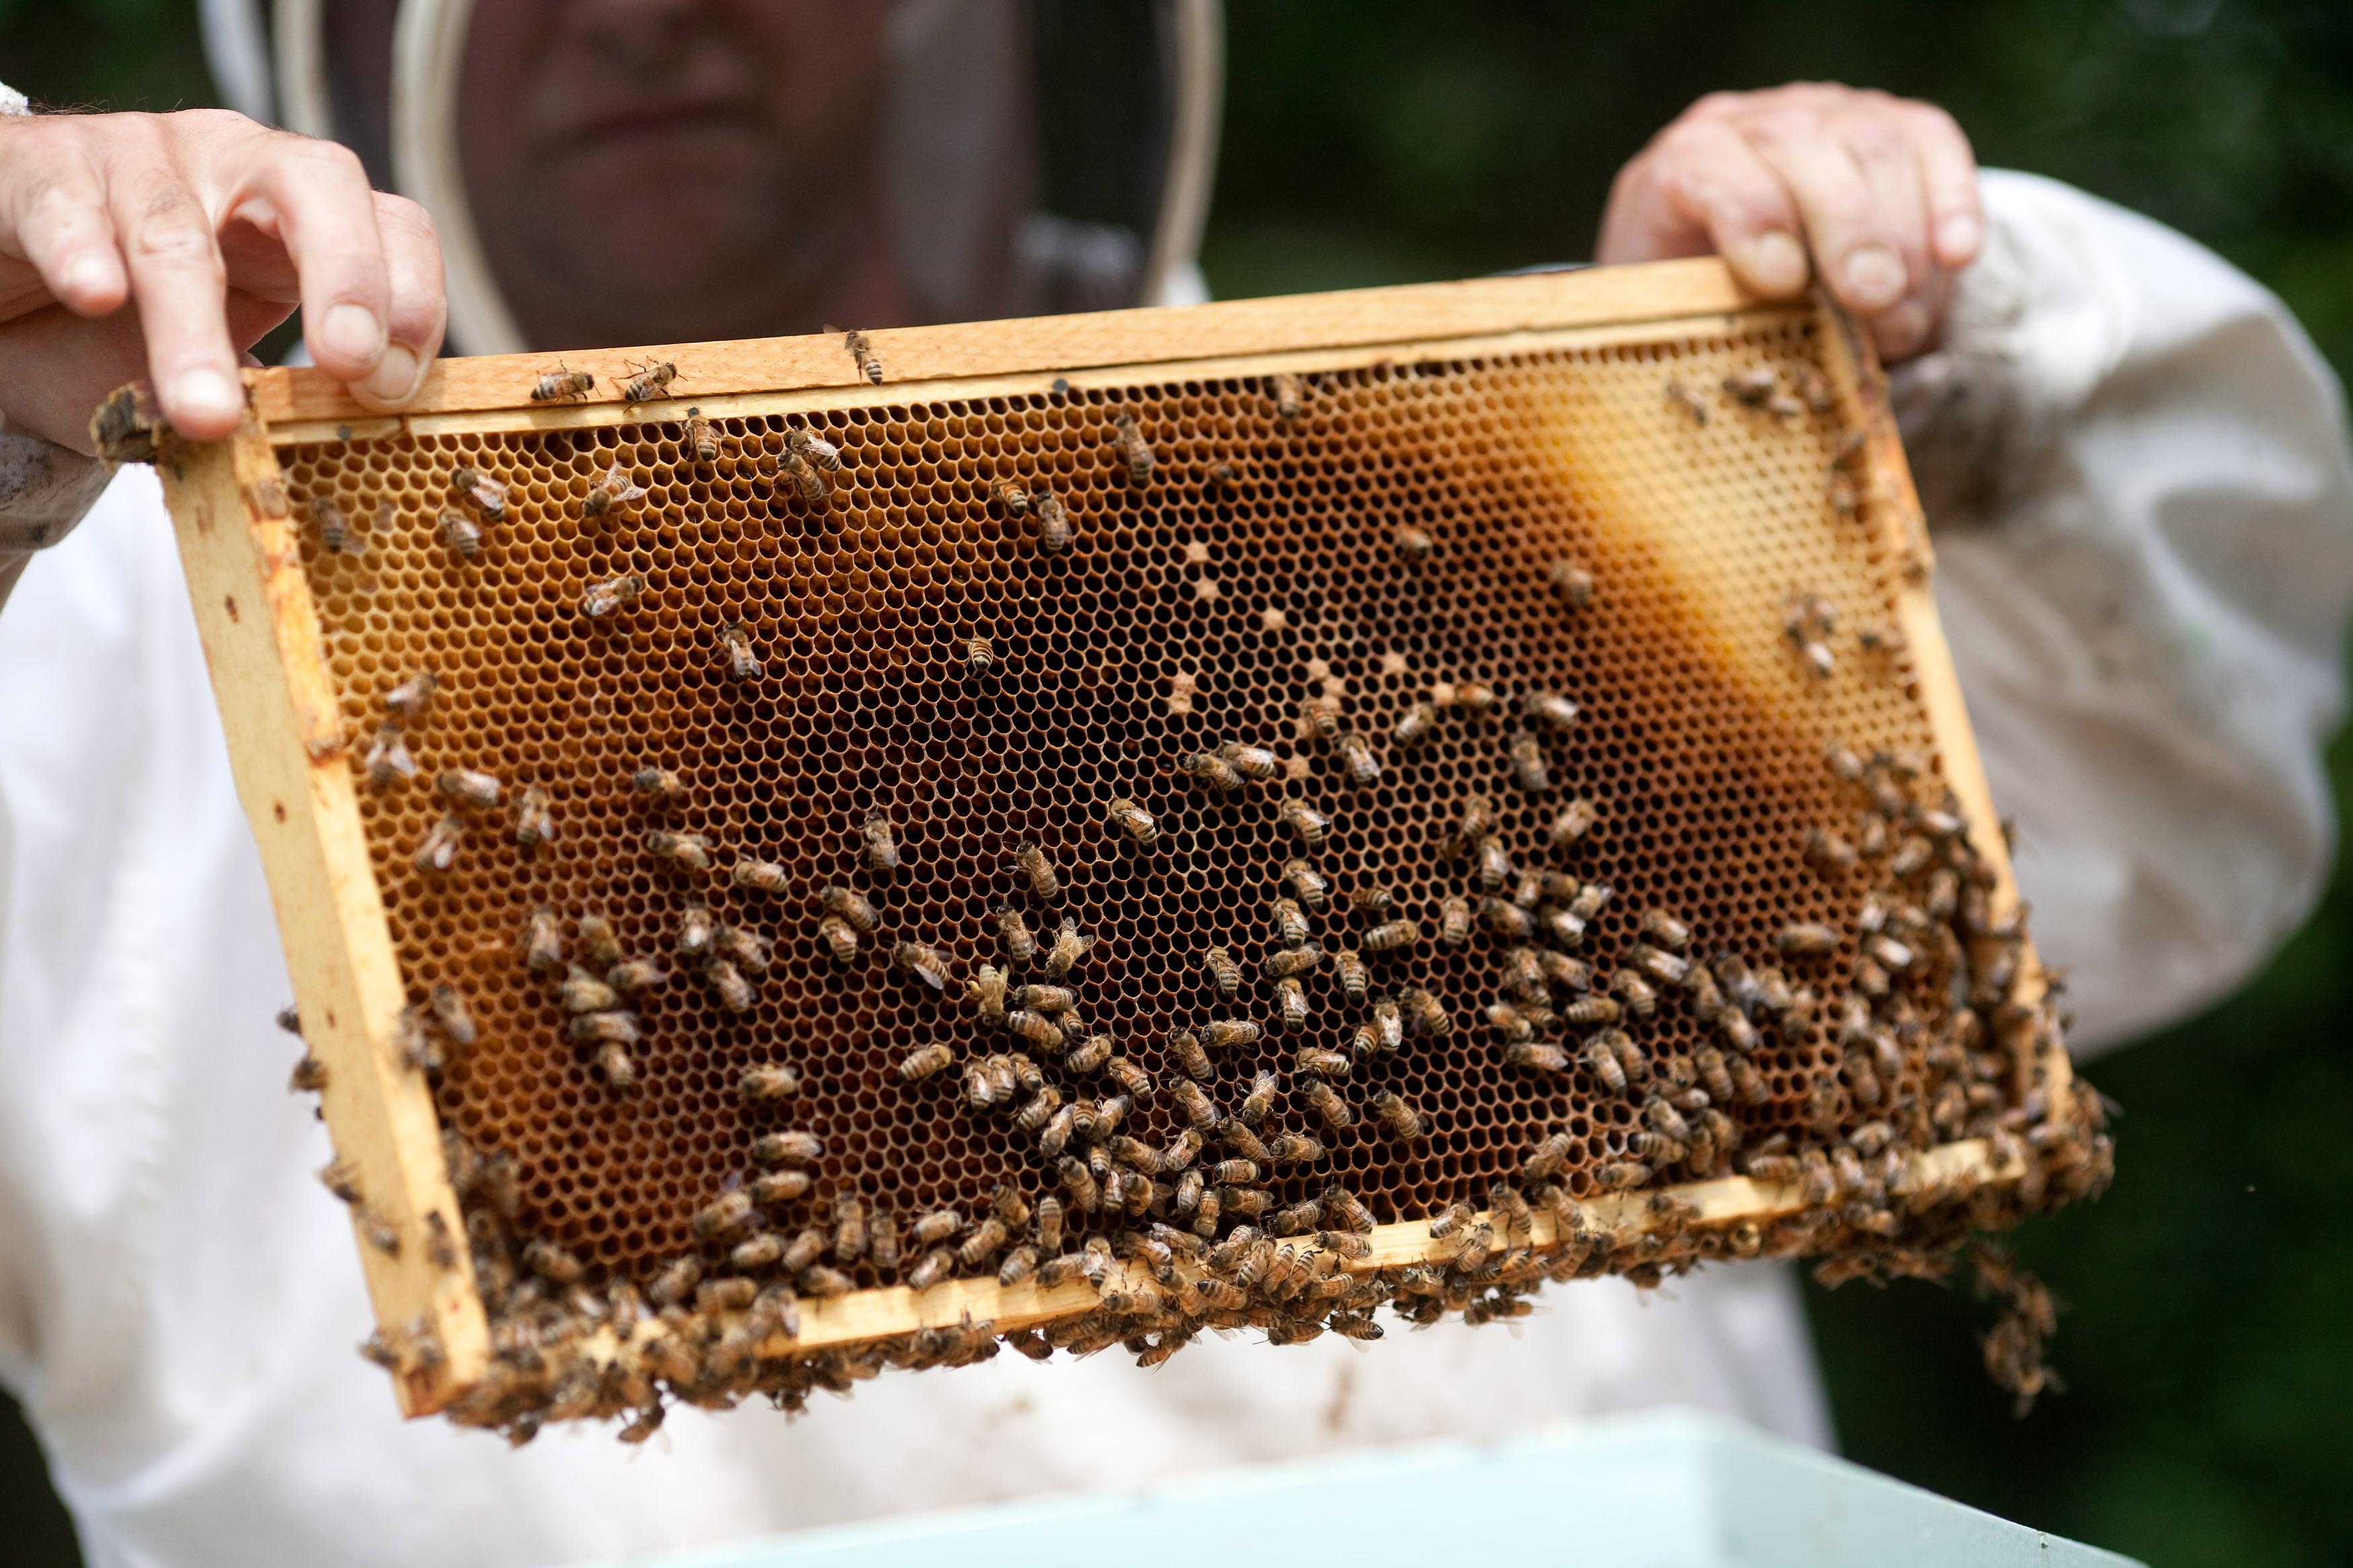 honey nut cheerios gets rid of mascot to raise awareness